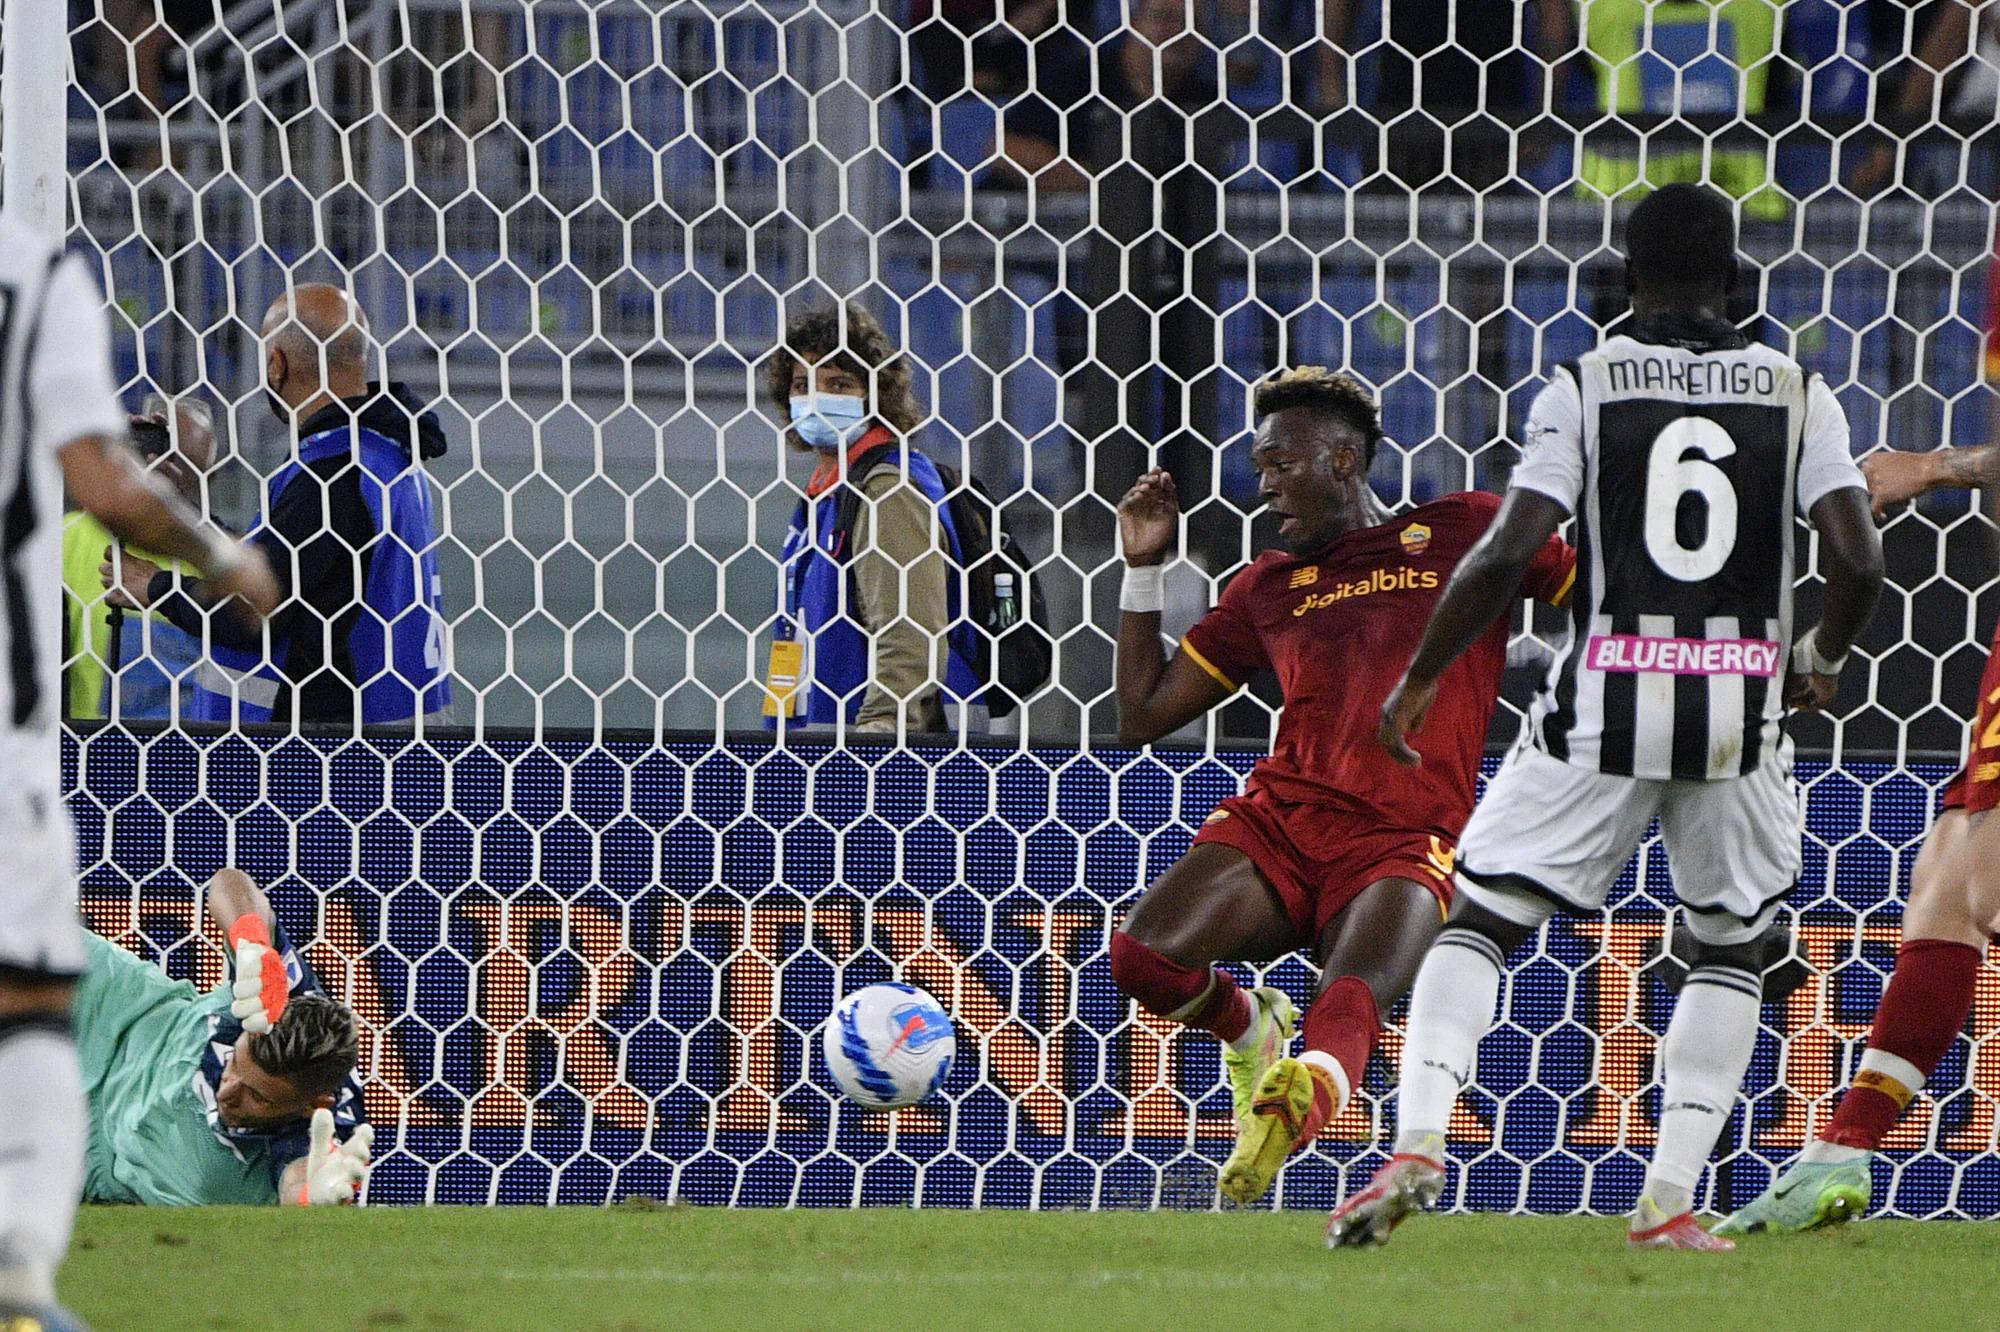 Abraham trong pha đánh gót ghi bàn duy nhất hạ Udinese 1-0 trê sân Olimpico hôm 23/9. Ảnh: Lapresse